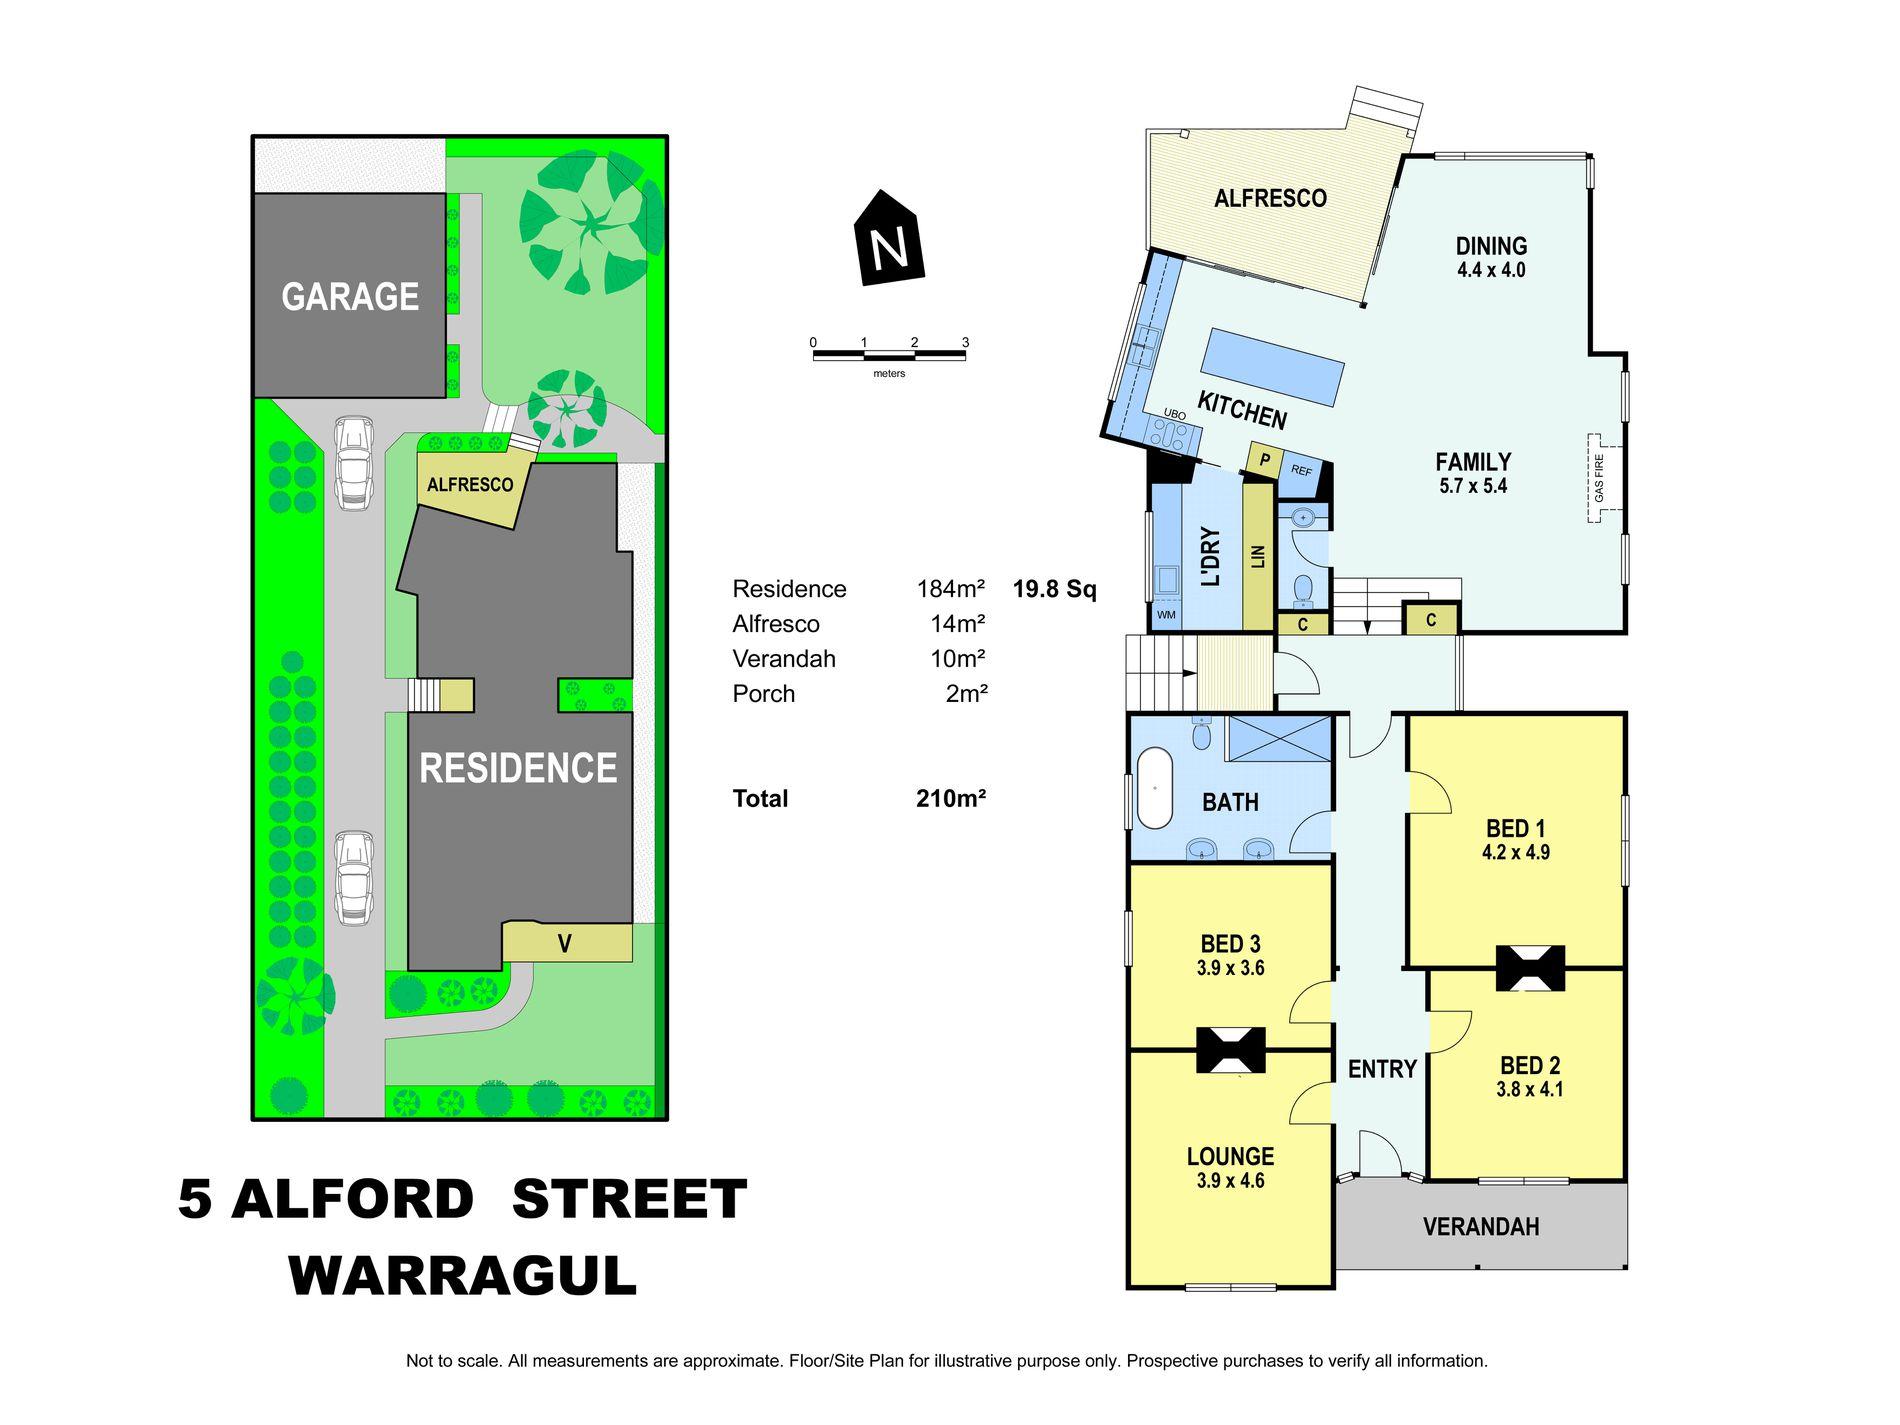 5 Alford Street, Warragul